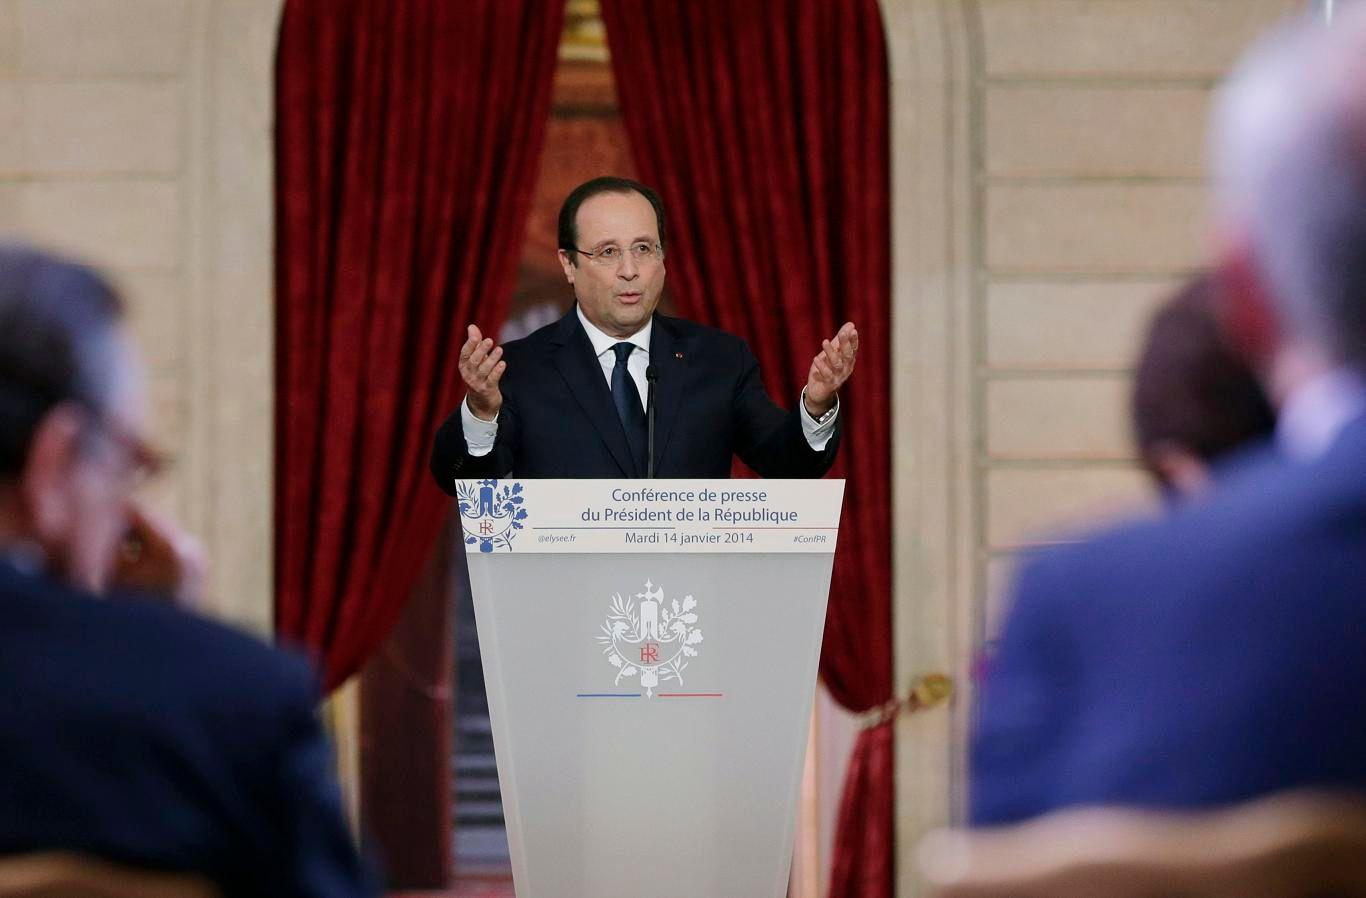 De nombreux journalistes présents lors de cette conférence de presse, la troisième de François Hollande